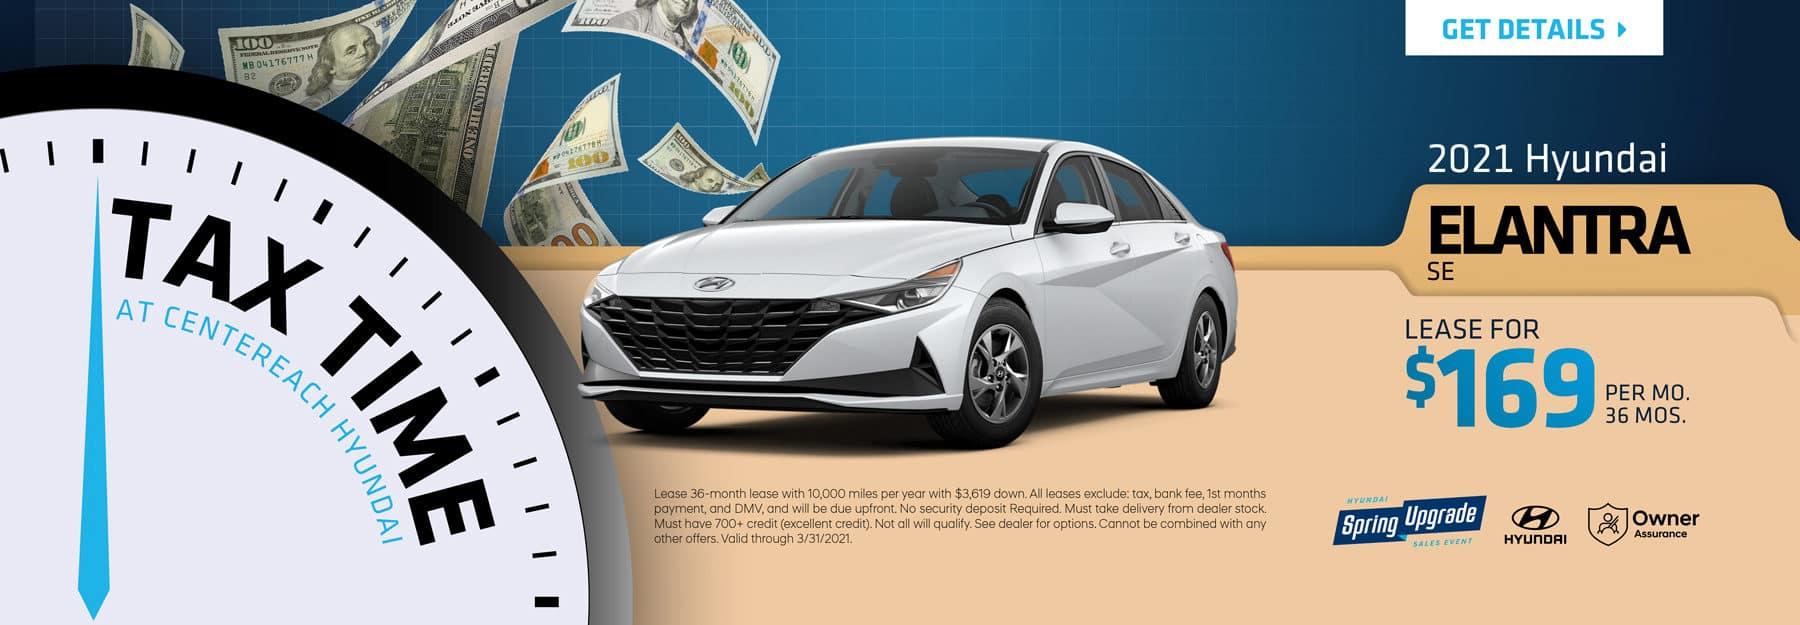 2021.02.24-Centereach-Hyundai-MAR-Web-1-S51113cr_01